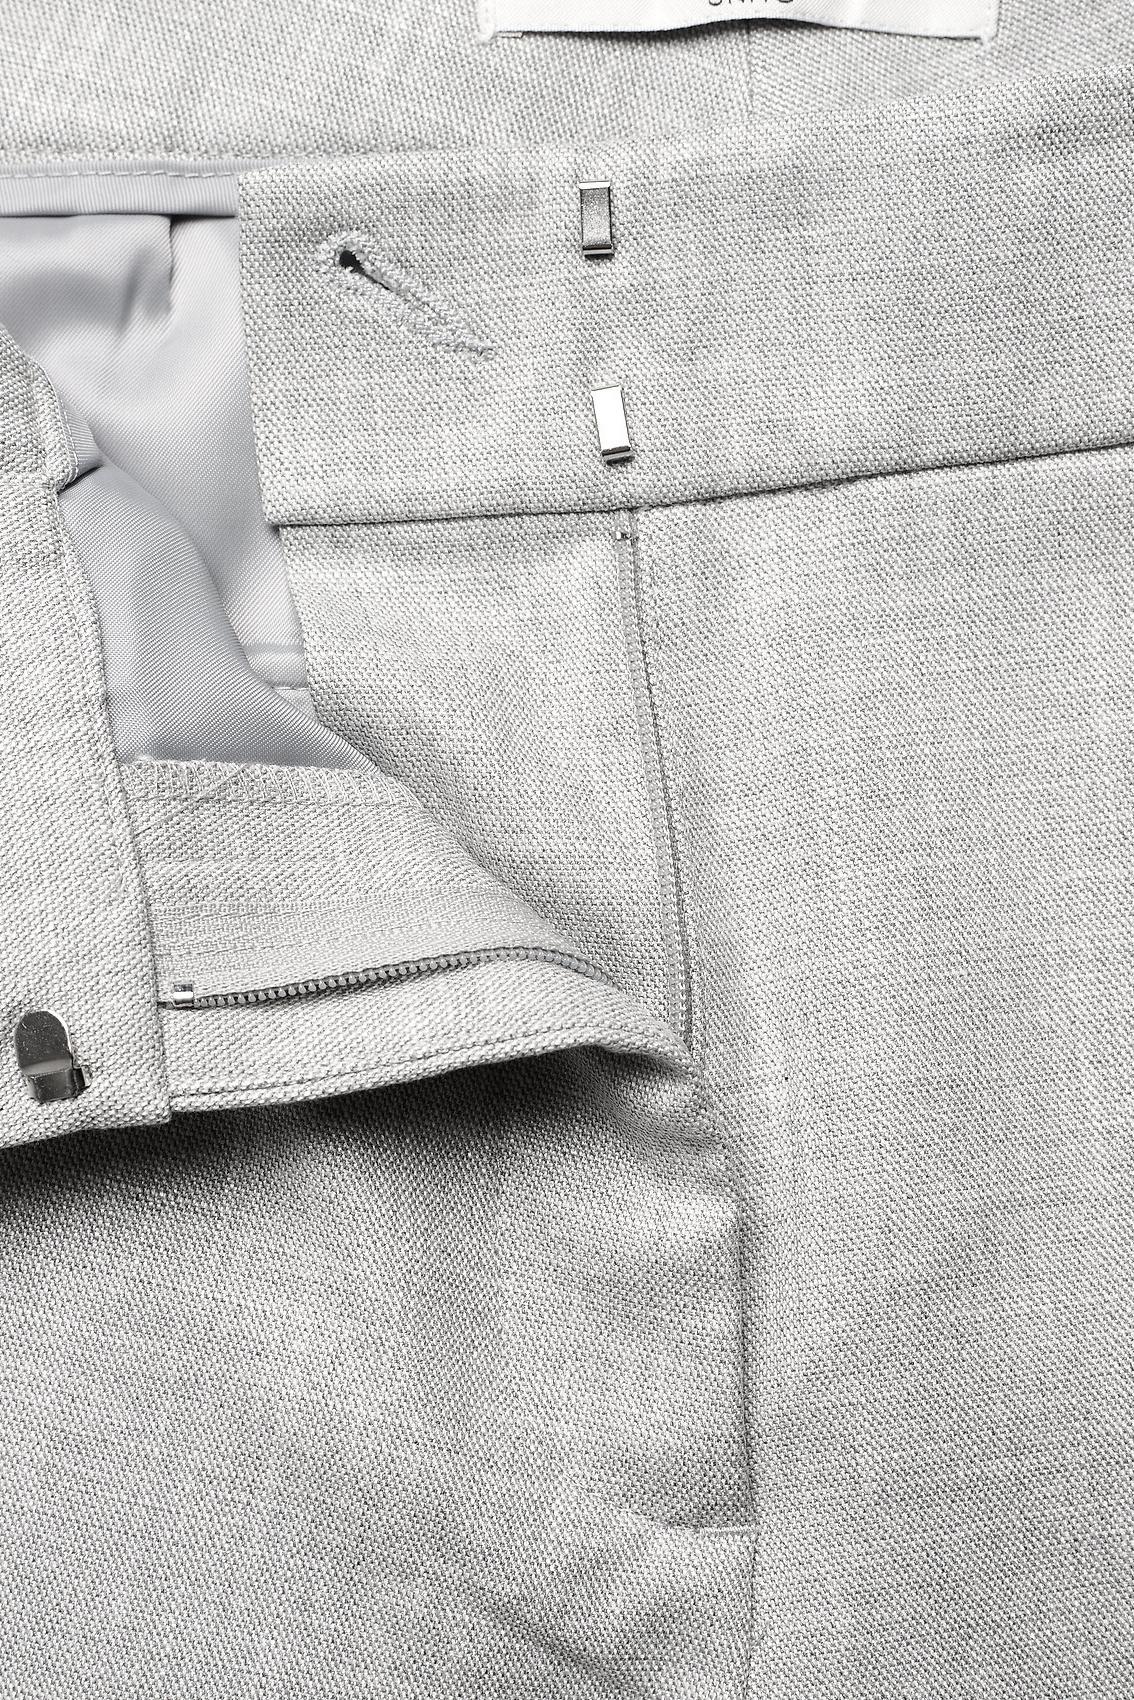 Clara Crop 721 Pant - Grey Melange-9